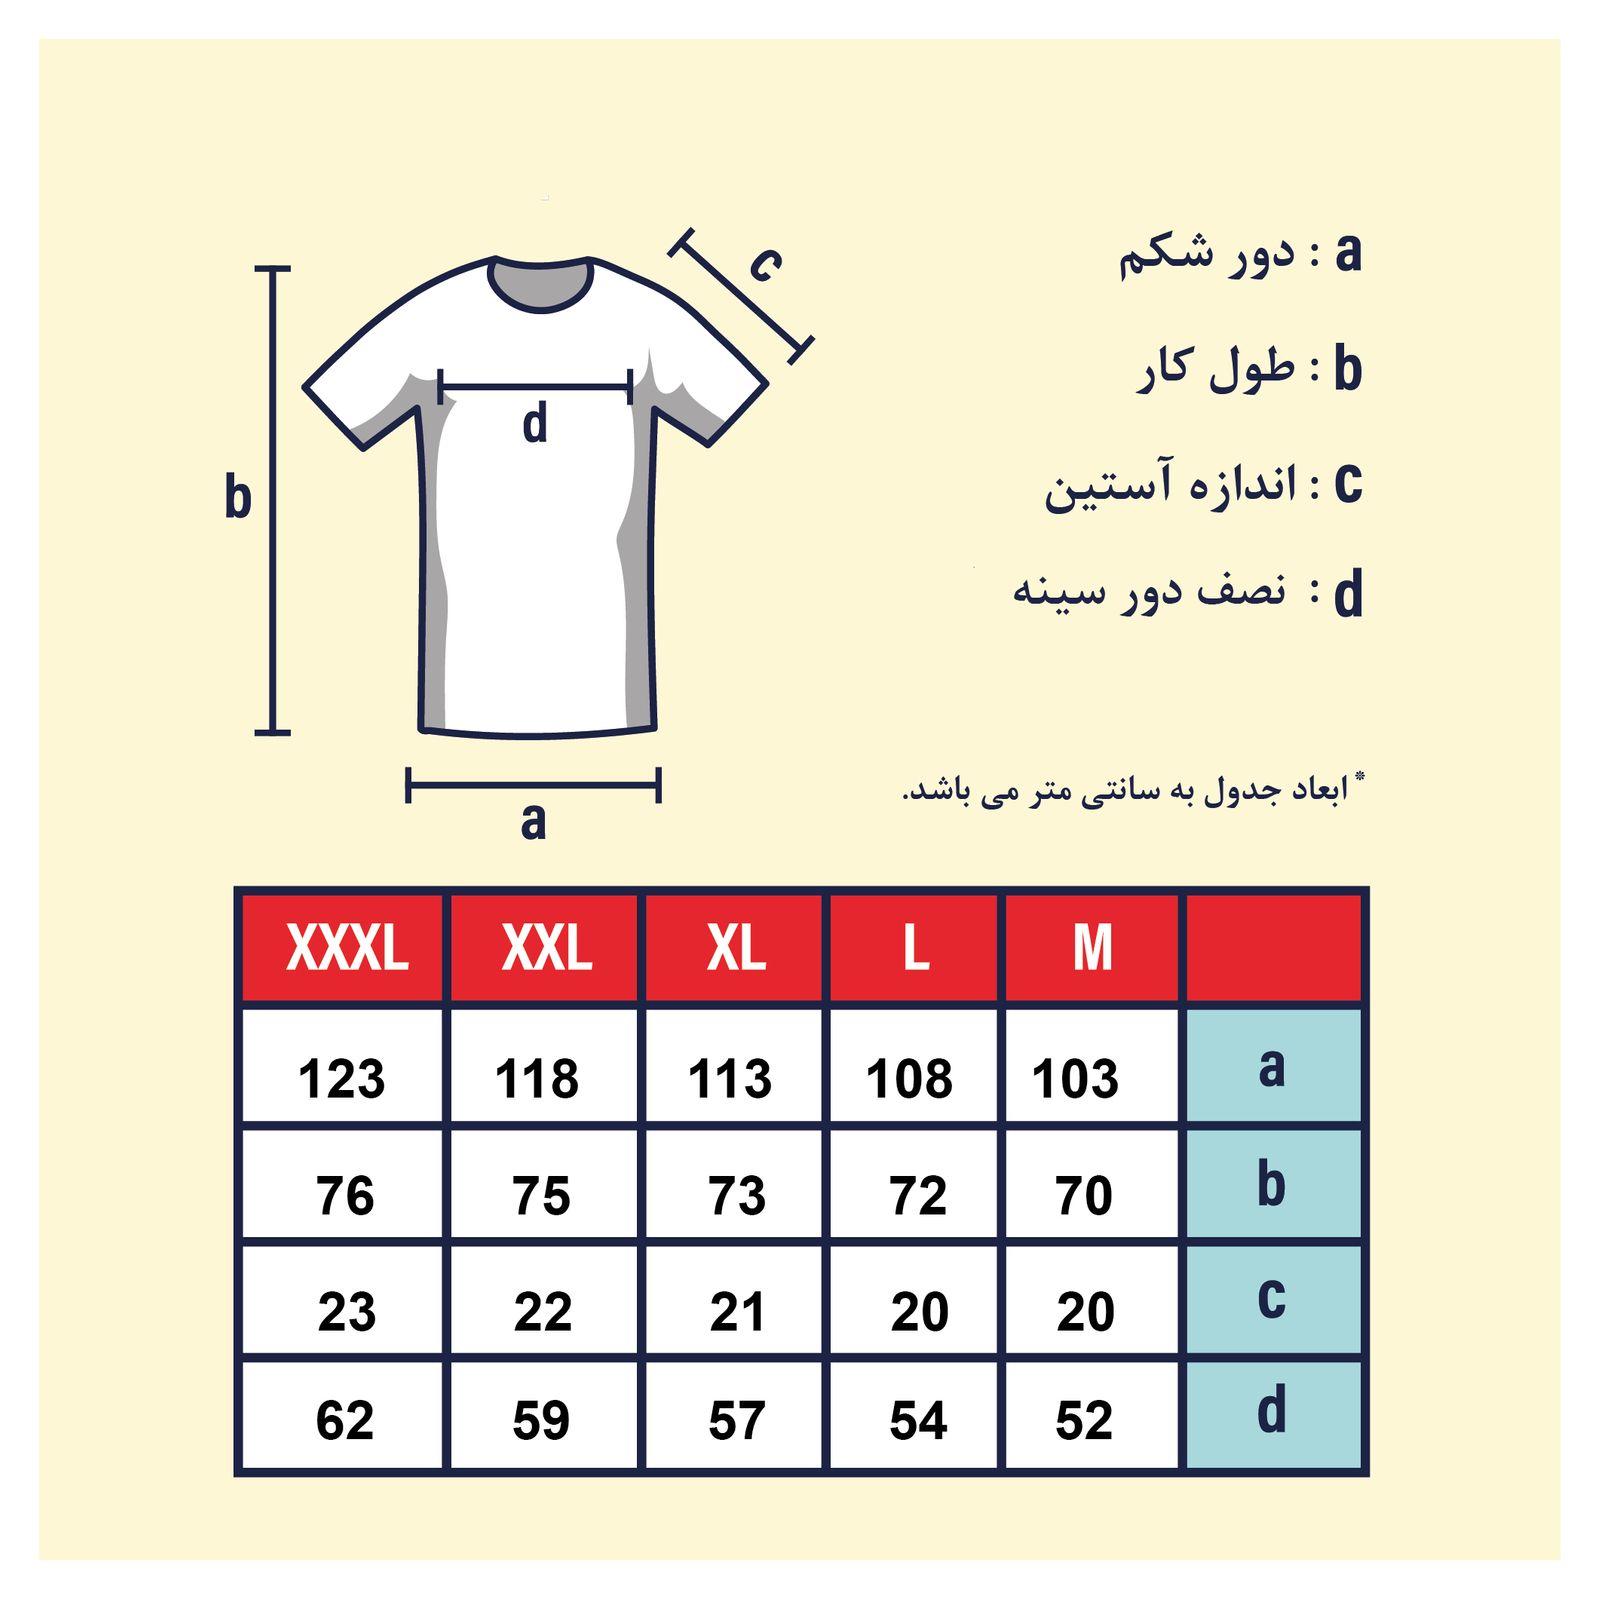 تی شرت مردانه پاتن جامه کد 99M5224 رنگ سرمه ای  -  - 6